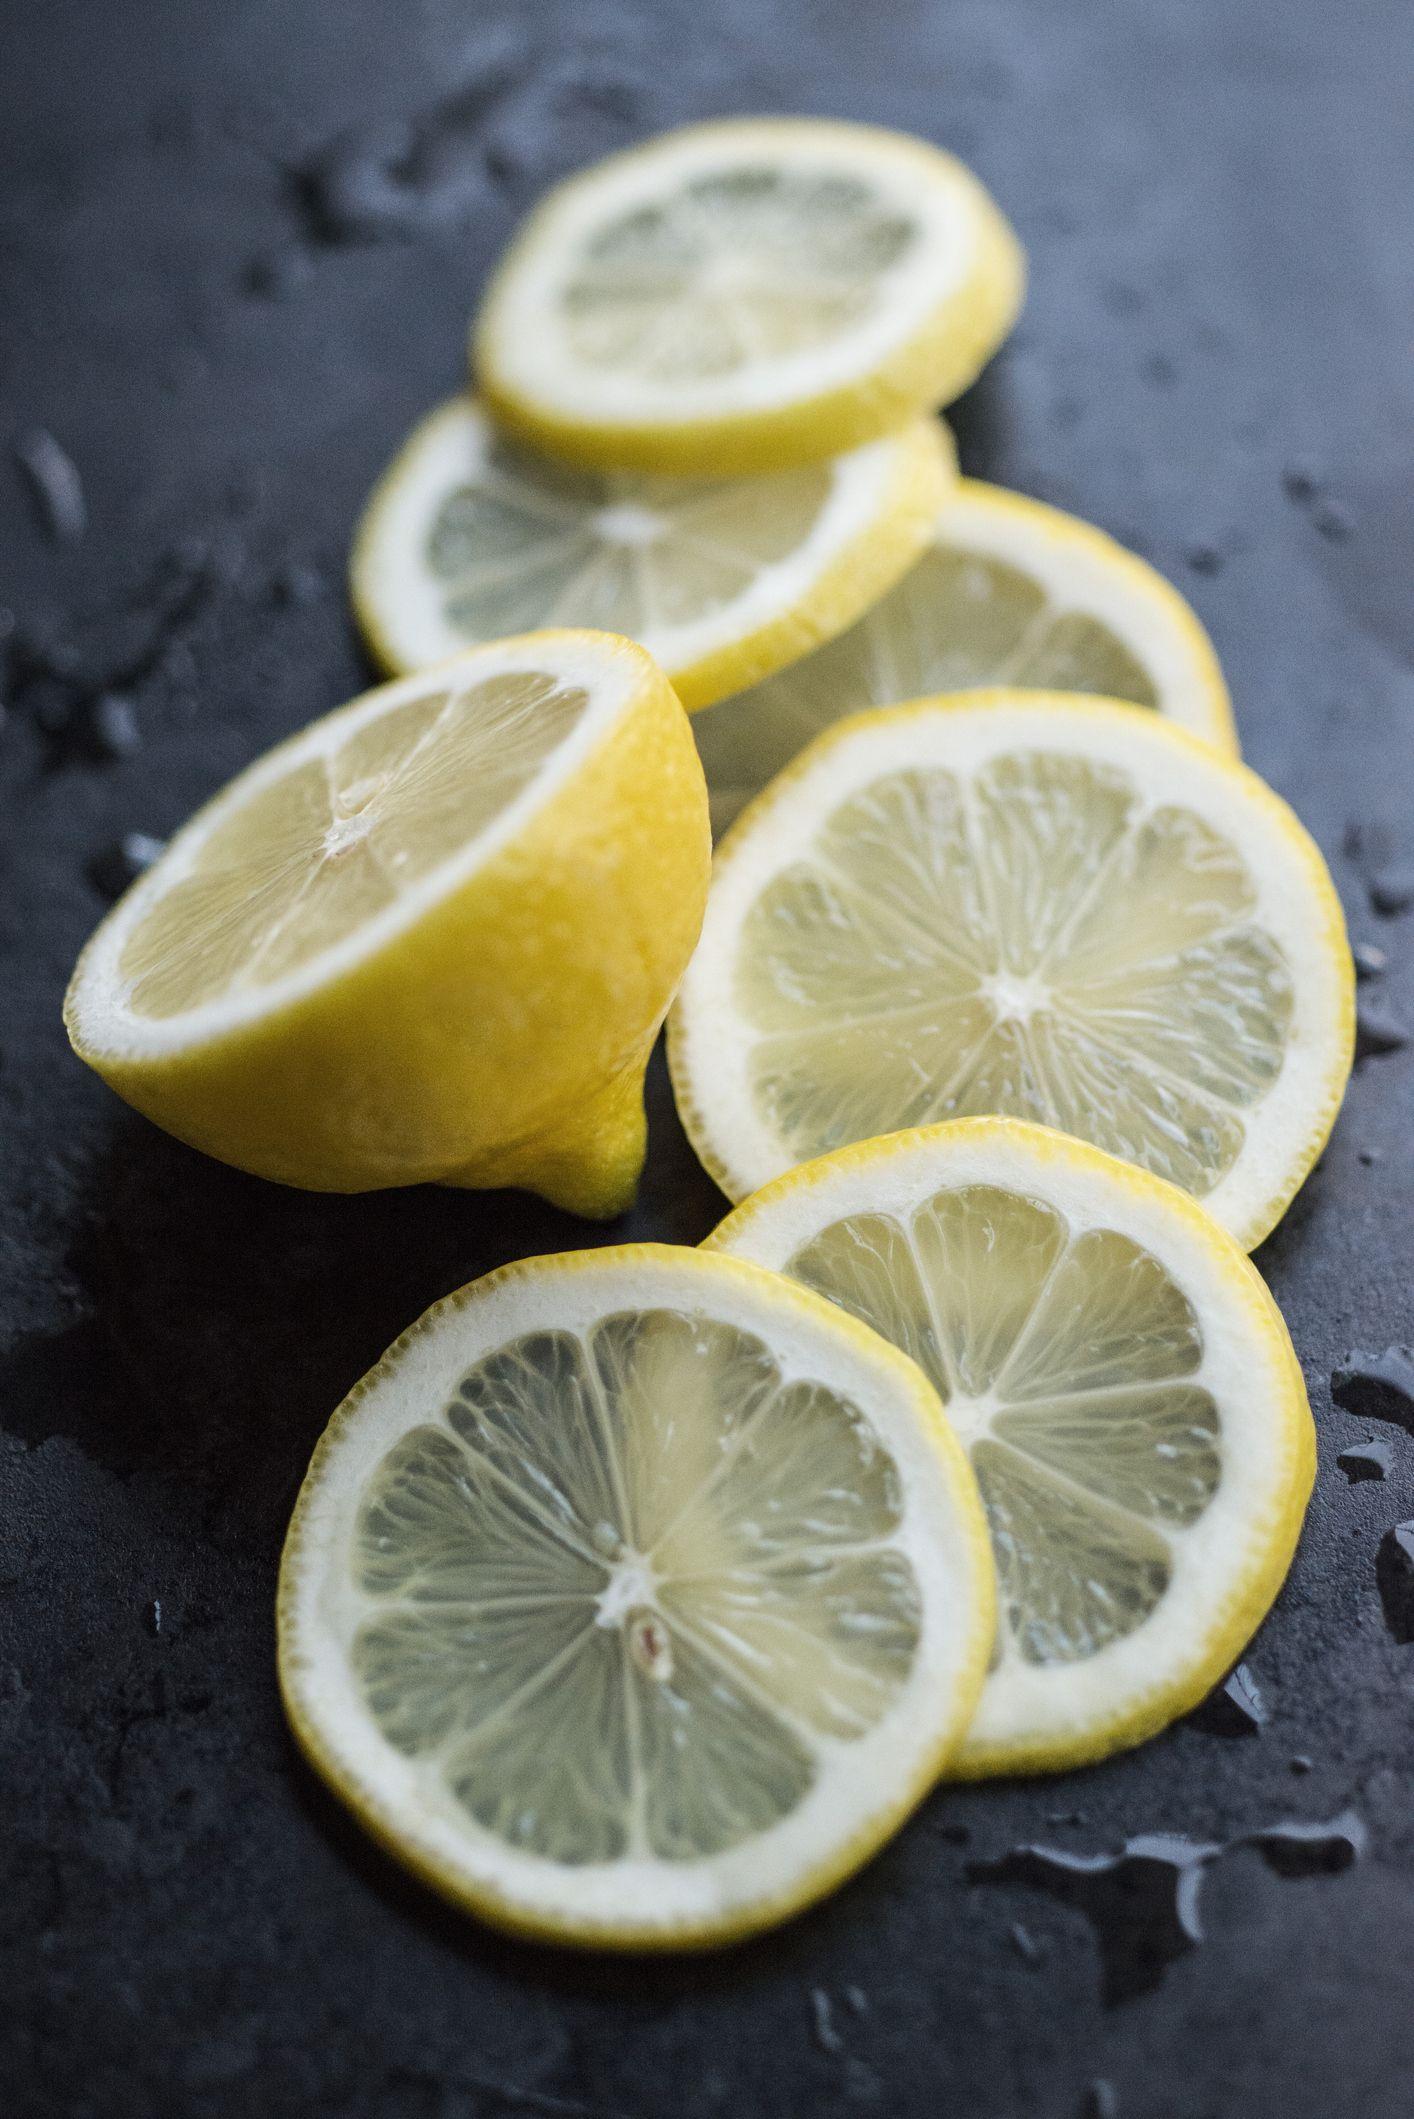 homemade weed killer lemons